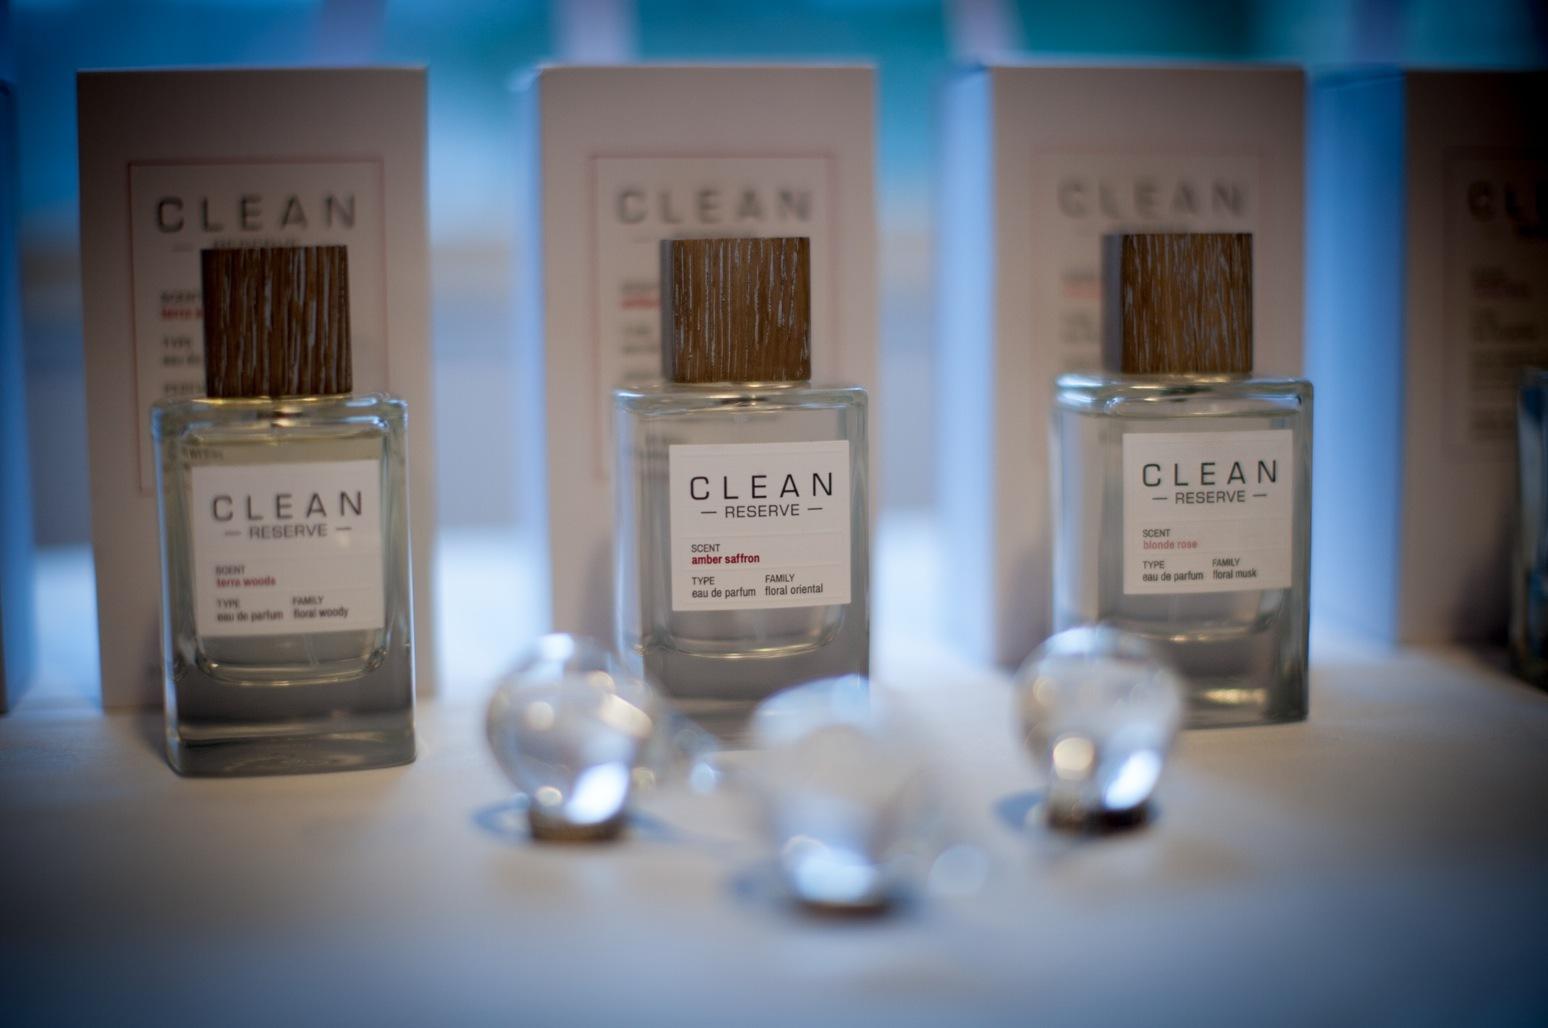 Cleans nya dofter är producerade på tre olika dofthus med krav på sig om etisk hantering av arbetskraft och råvaruinhämtning.